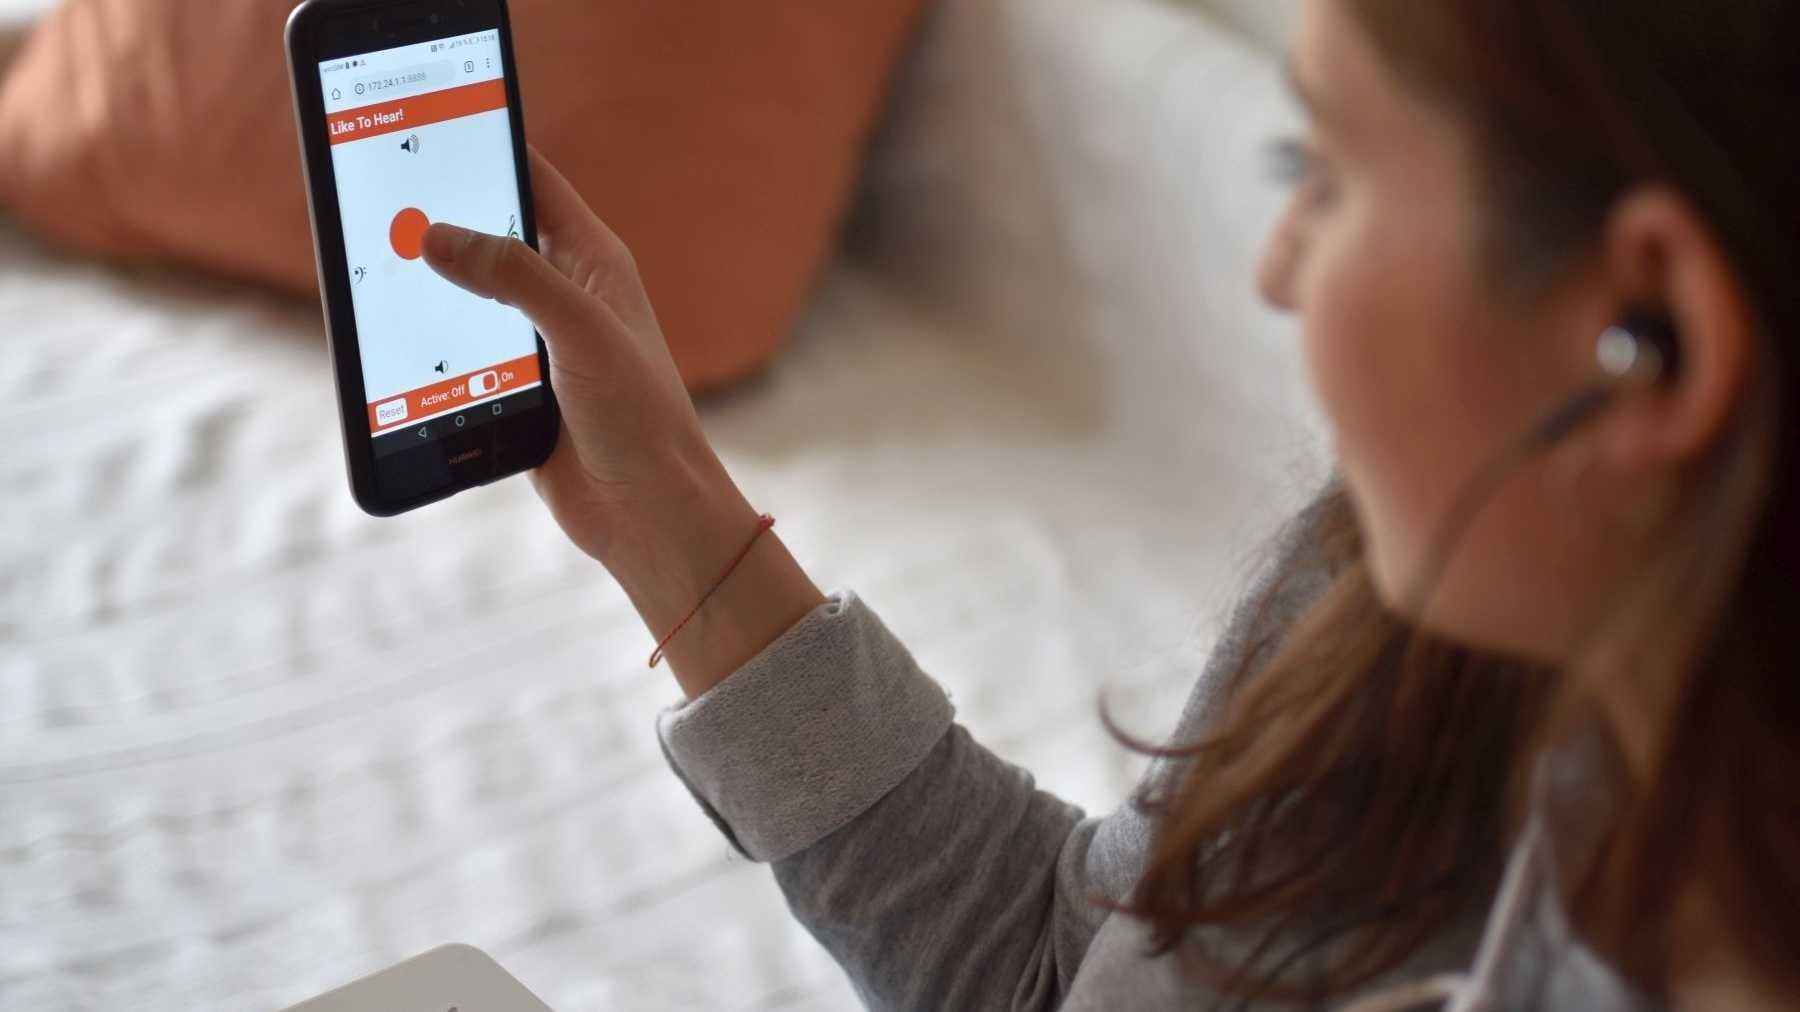 Eine junge Frau mit Kopfhörern schaut auf die liketohear-App.